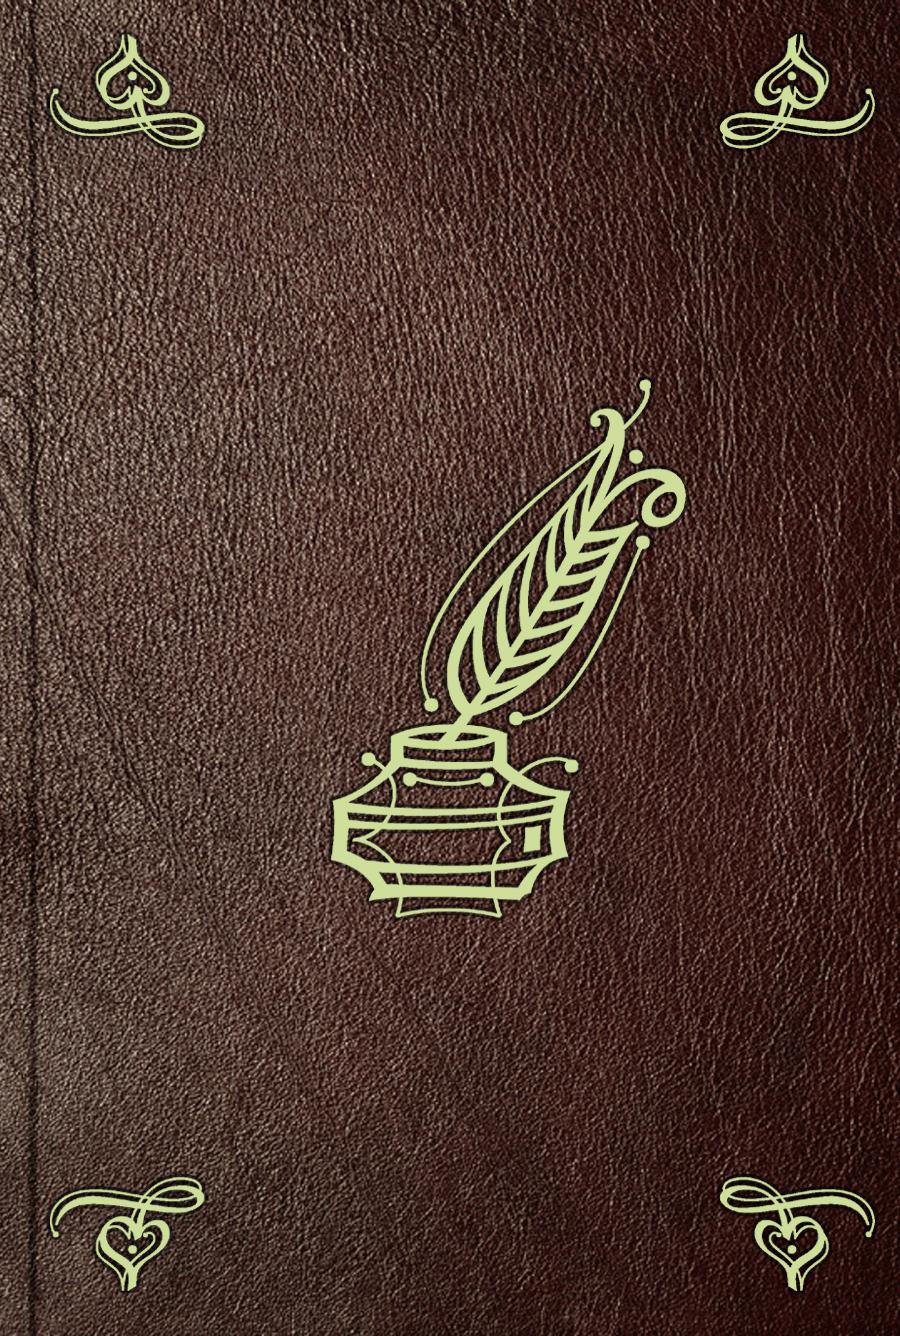 Отсутствует Новое и полное собрание российских песен. Часть 3 edith piaf 200 легендарных песен часть 1 компакт диск mp3 rmg